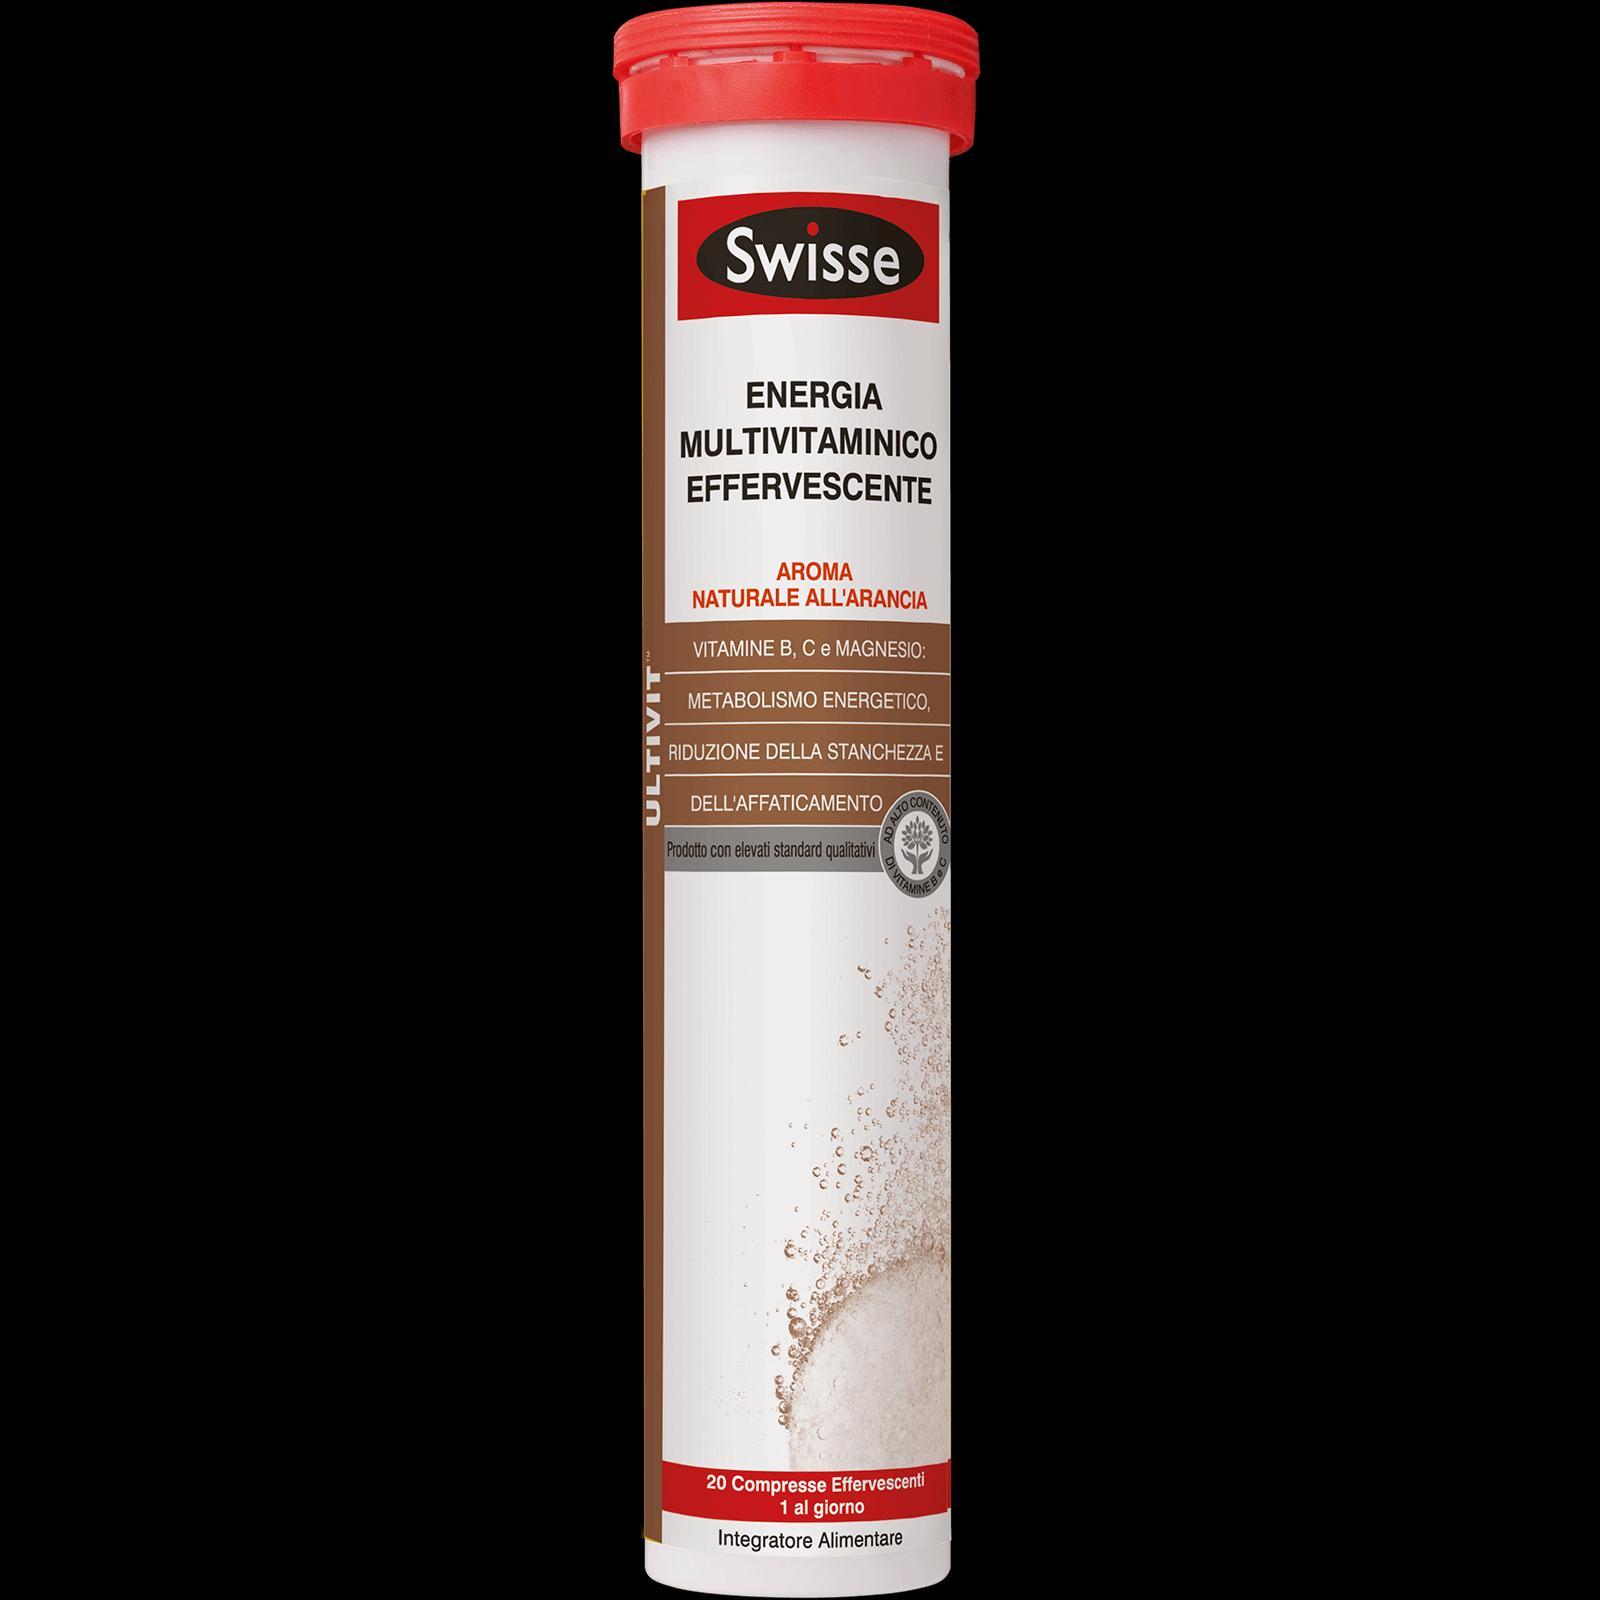 SWISSE ENERGIA MULTIVITAMINICO EFFERVESCENTE - INTEGRATORE ENERGIZZANTE 20 COMPRESSE